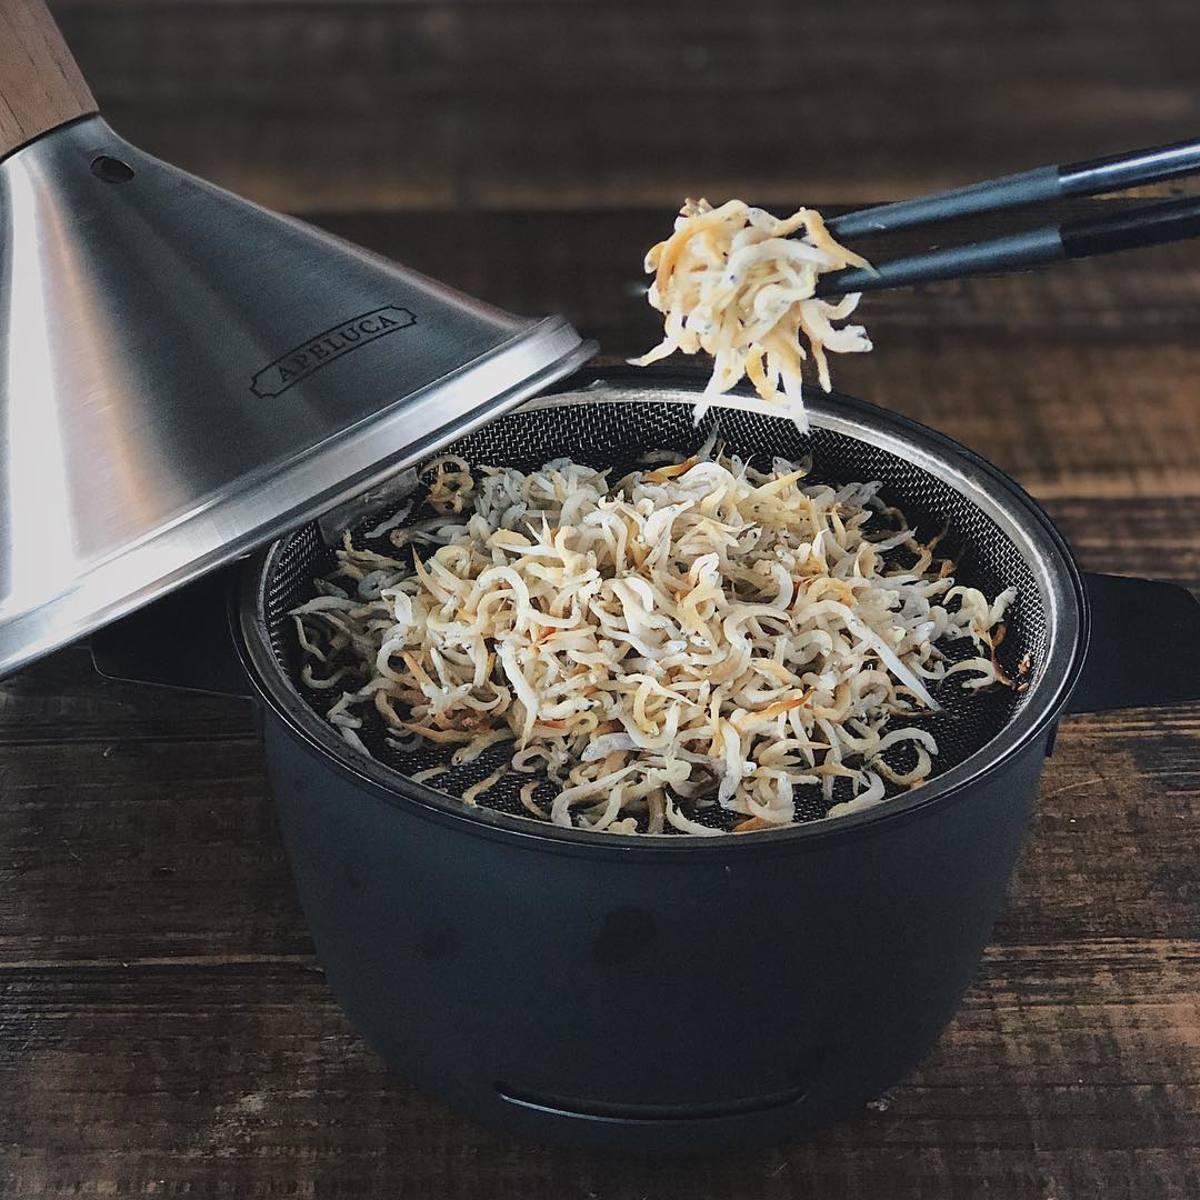 燻製時間10分のカマンベールチーズの燻製や、燻製時間15分で豊潤な味と香りが楽しめるベーコンのハーブ燻製など、厳選レシピが楽しめる 「燻製を自宅で簡単に」で、おうち時間を充実。最短10分で燻製料理&お刺身やウィスキーを冷燻